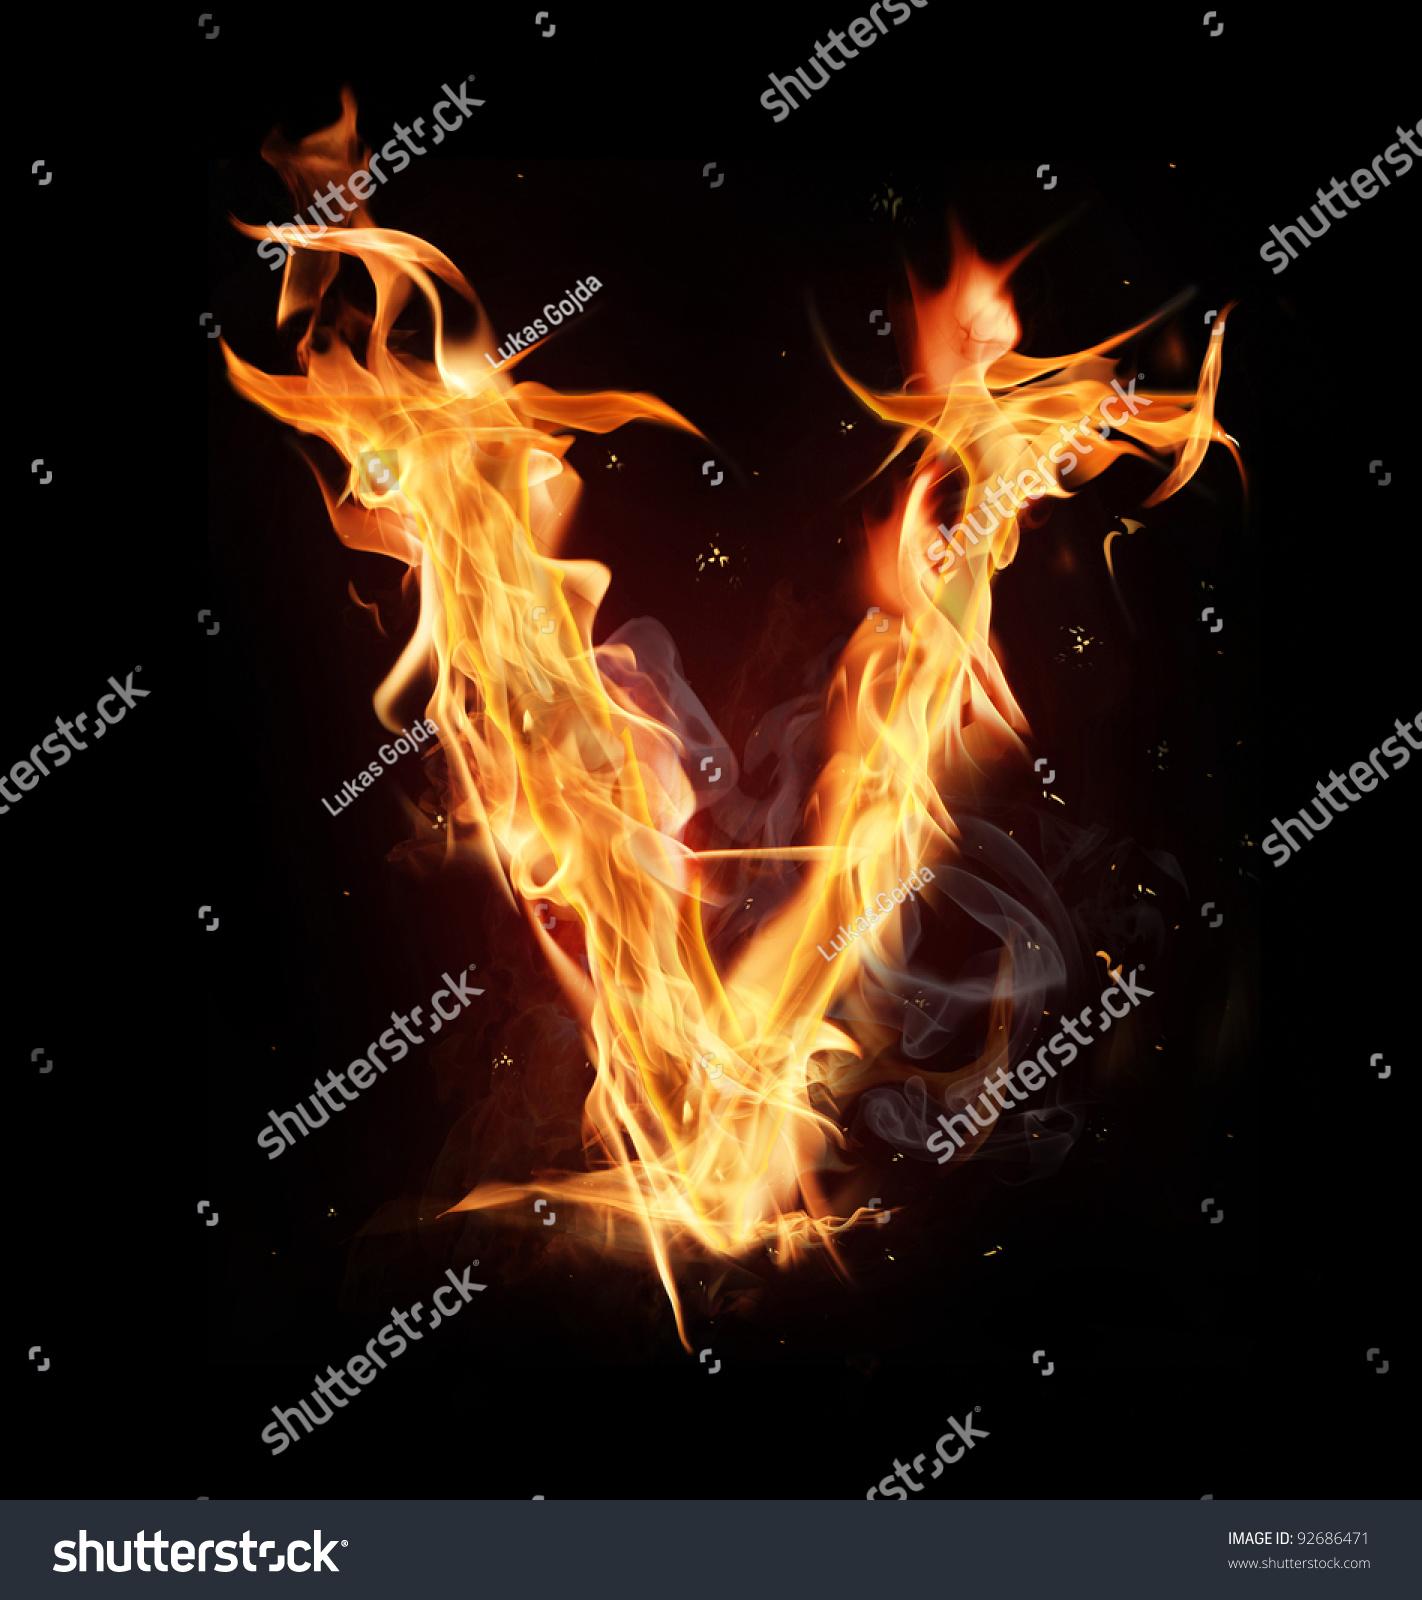 Fire Alphabet Letter V Stock Photo 92686471 - Shutterstock